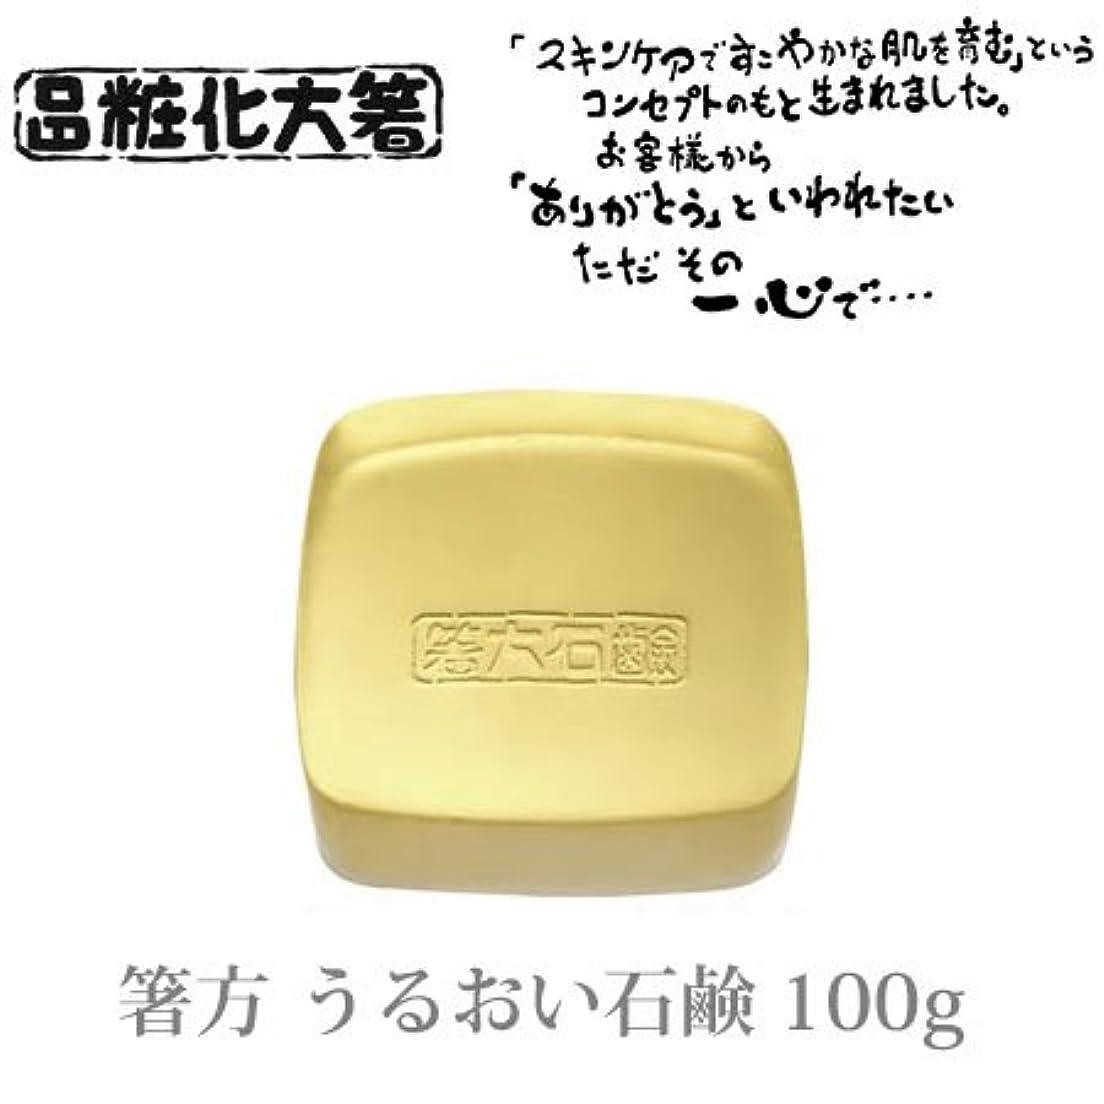 確保する貫通するエキスパート箸方化粧品 うるおい石鹸 100g はしかた化粧品